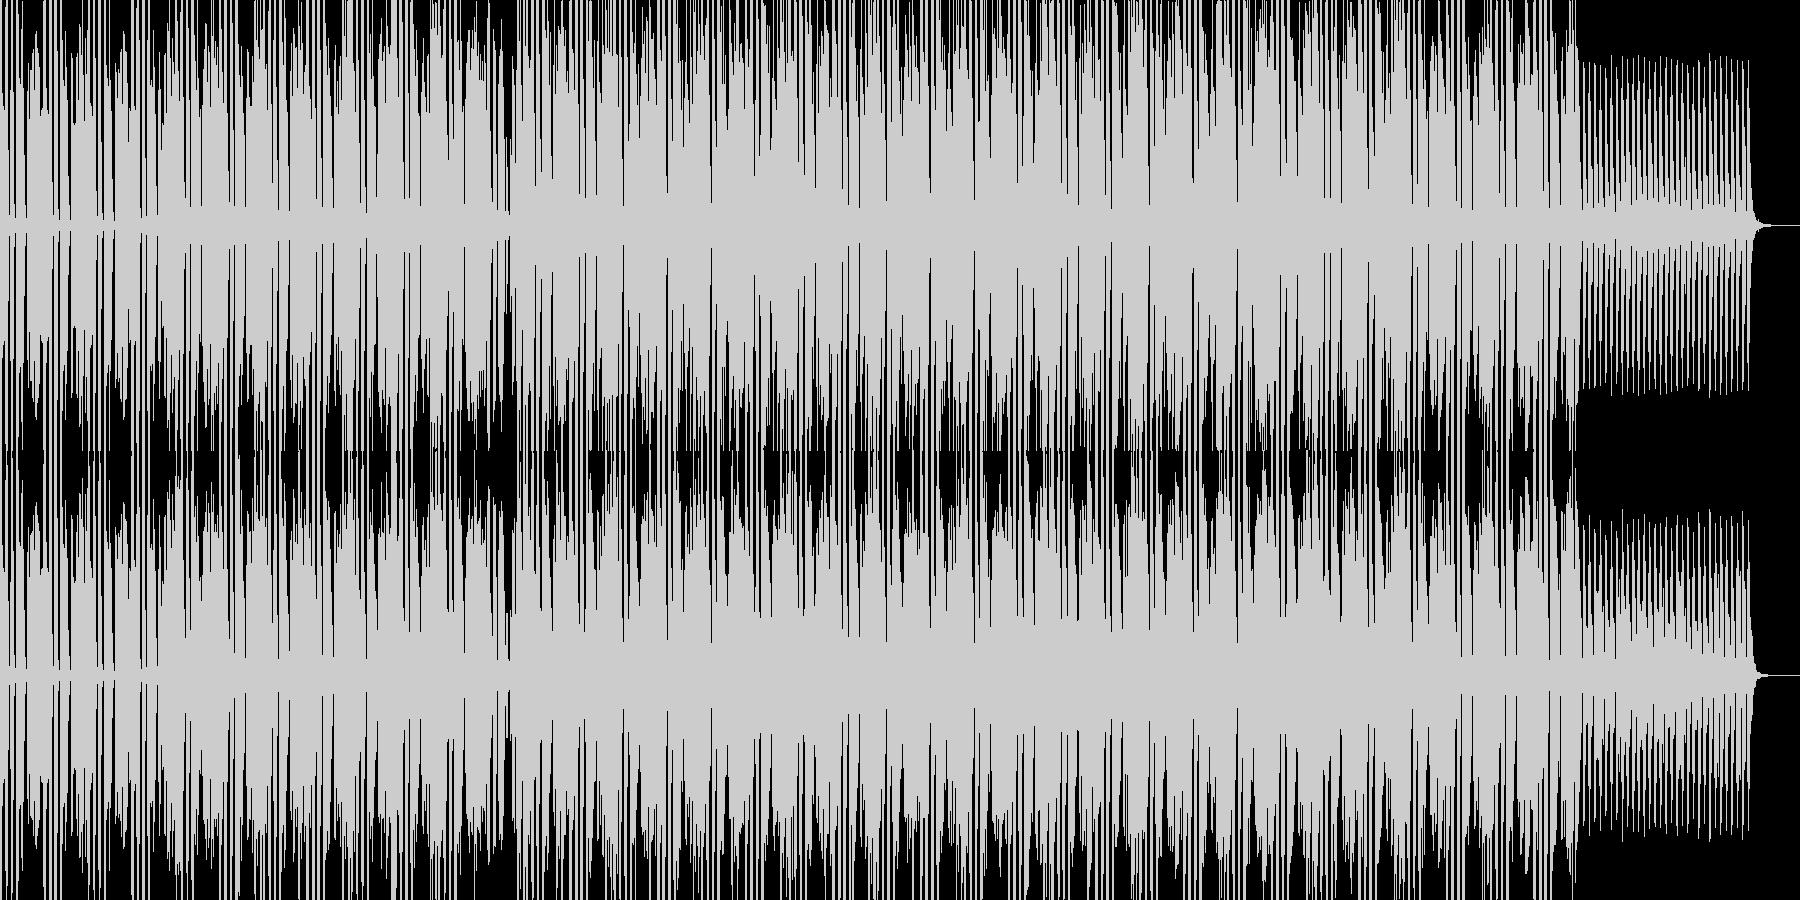 ダンス感のあるアンビエントの未再生の波形